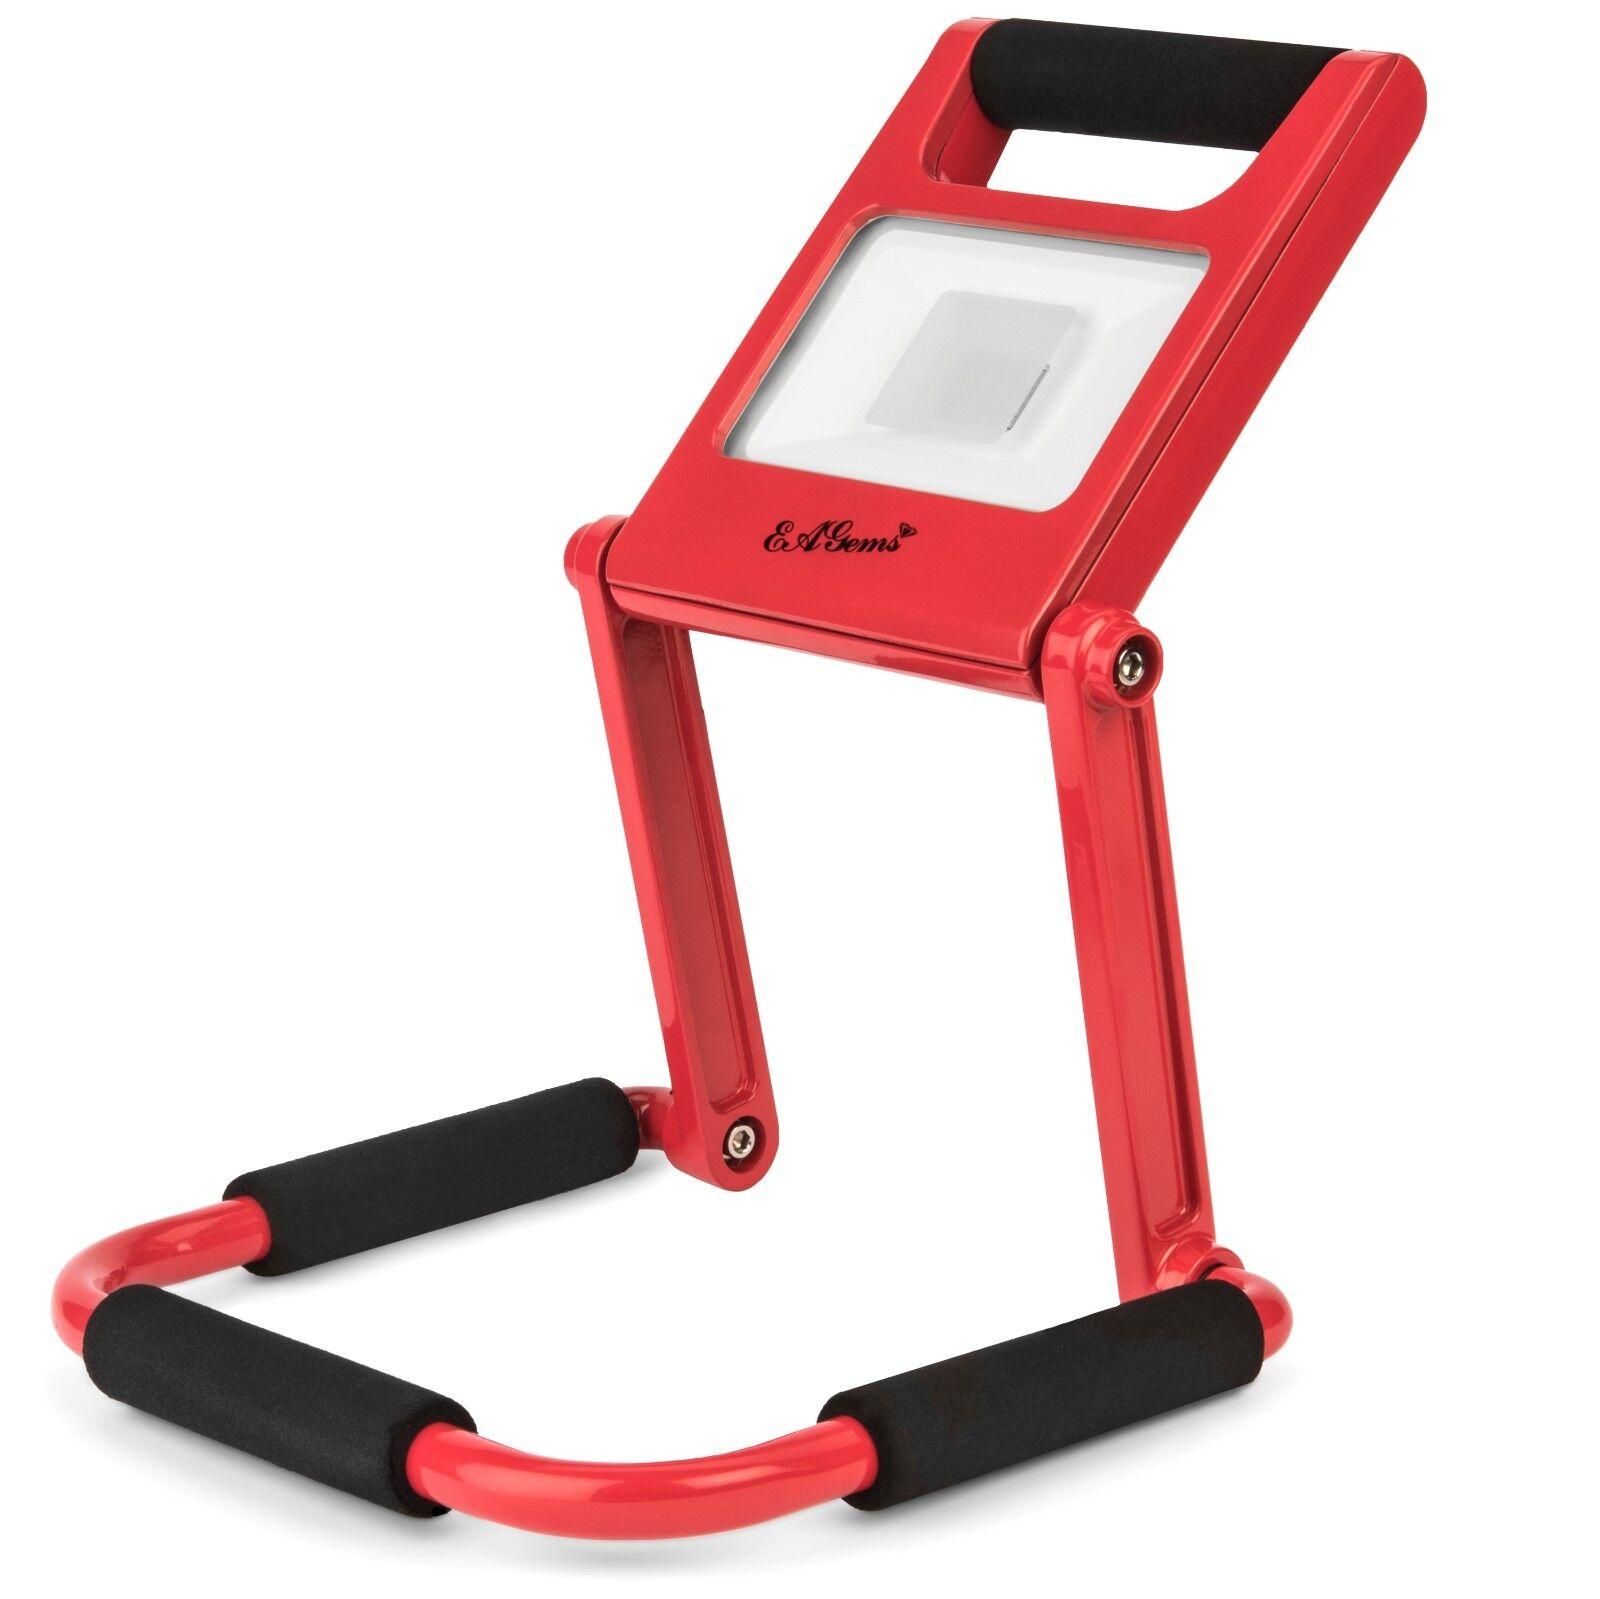 LED Work Light by EAGems Rechargeable Work Lamp Flashlight Spotlight600 Lumens